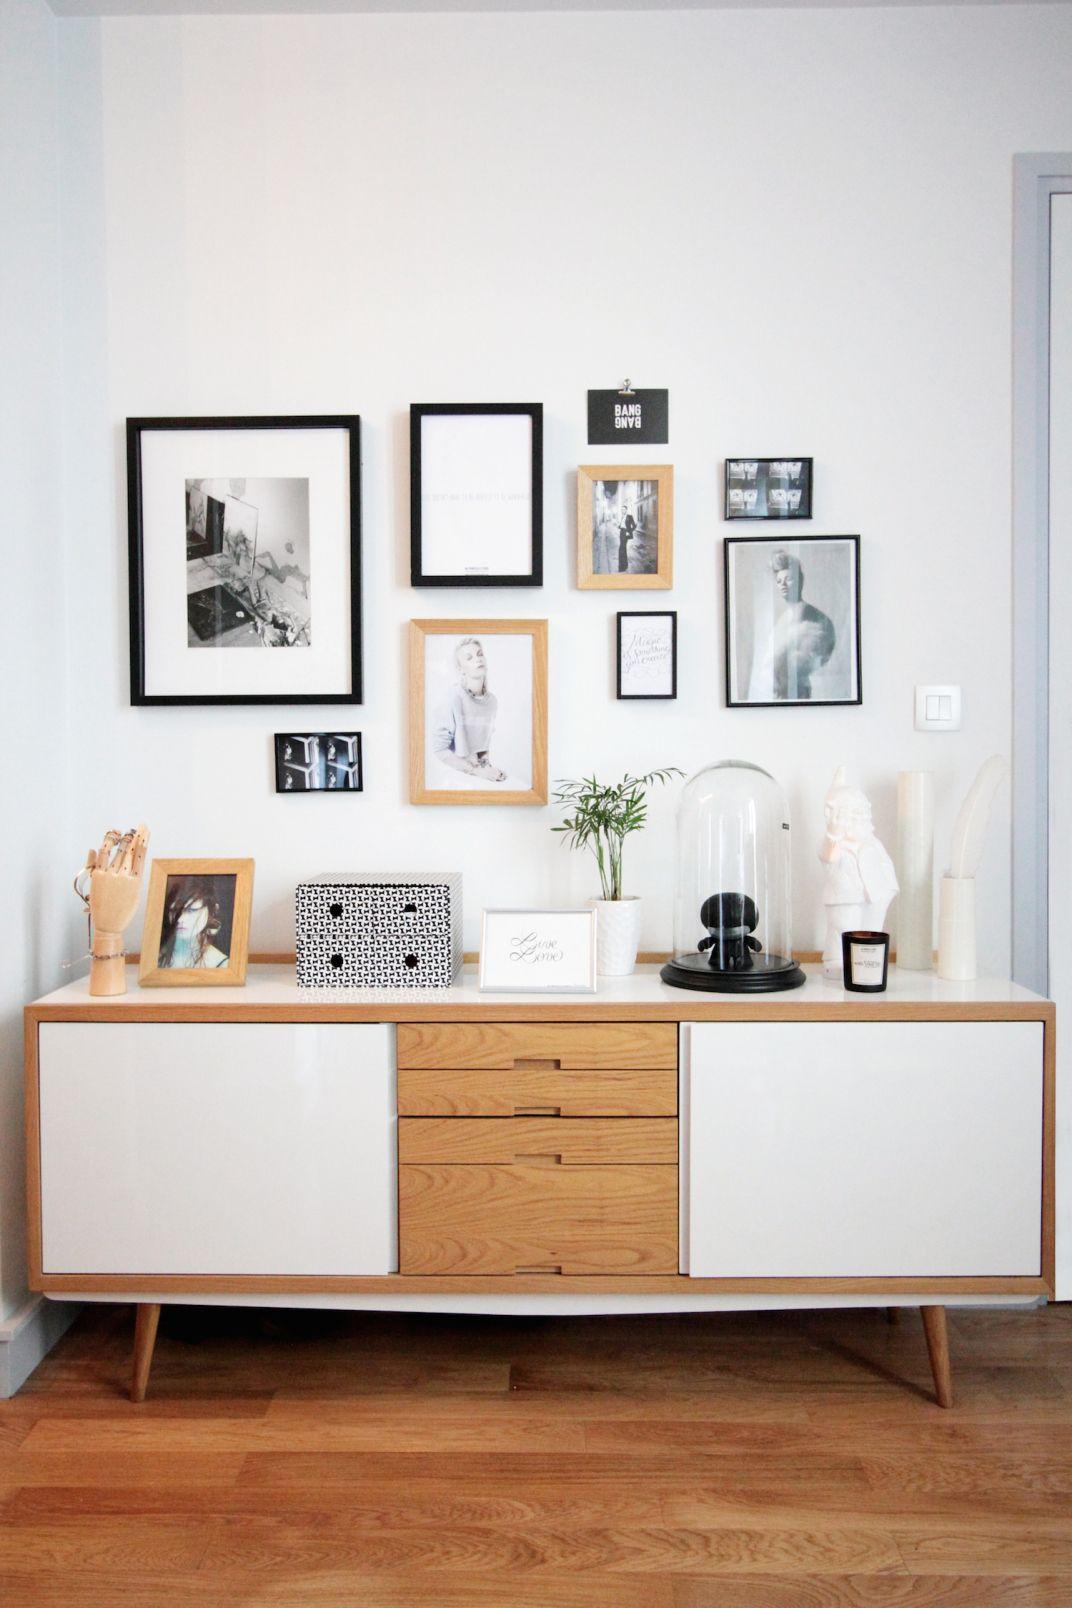 les 25 meilleures id es de la cat gorie console scandinave sur pinterest console tv d coration. Black Bedroom Furniture Sets. Home Design Ideas